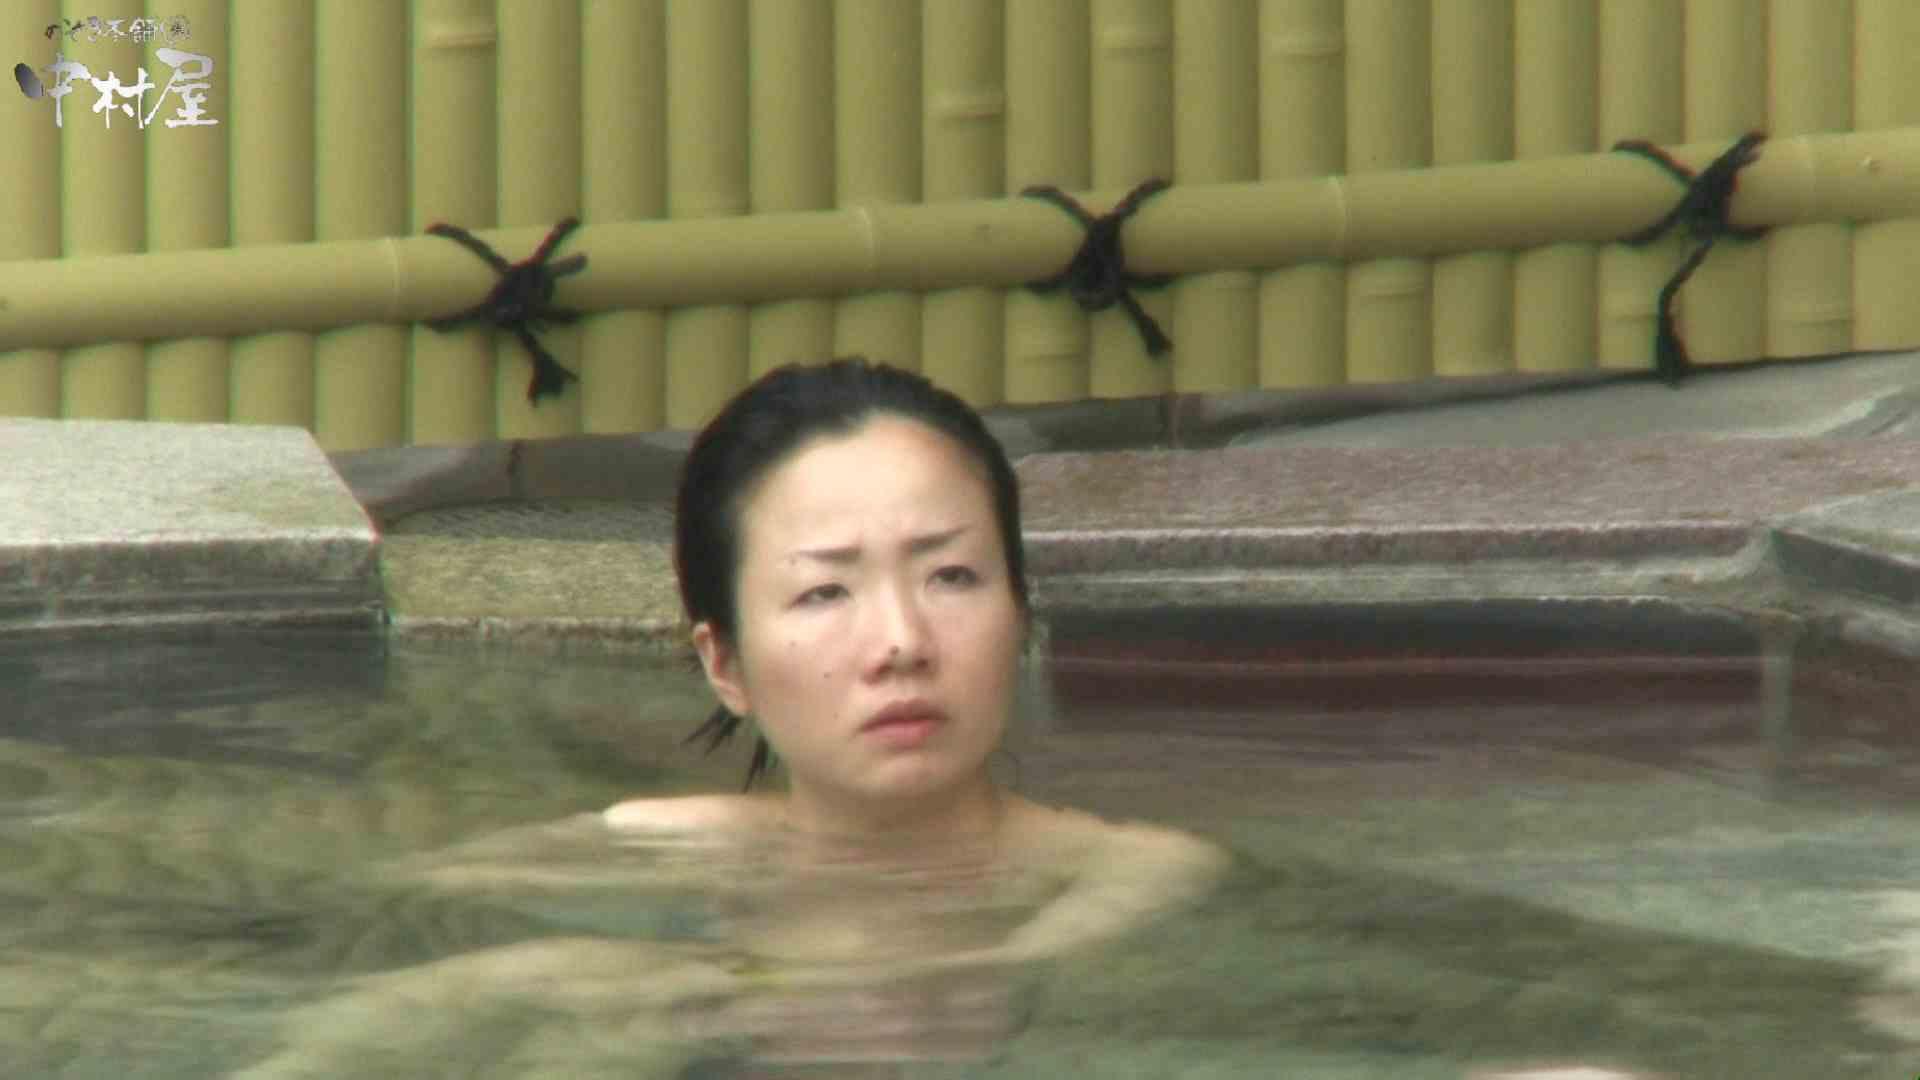 Aquaな露天風呂Vol.950 盗撮動画 | 露天風呂  10枚 1